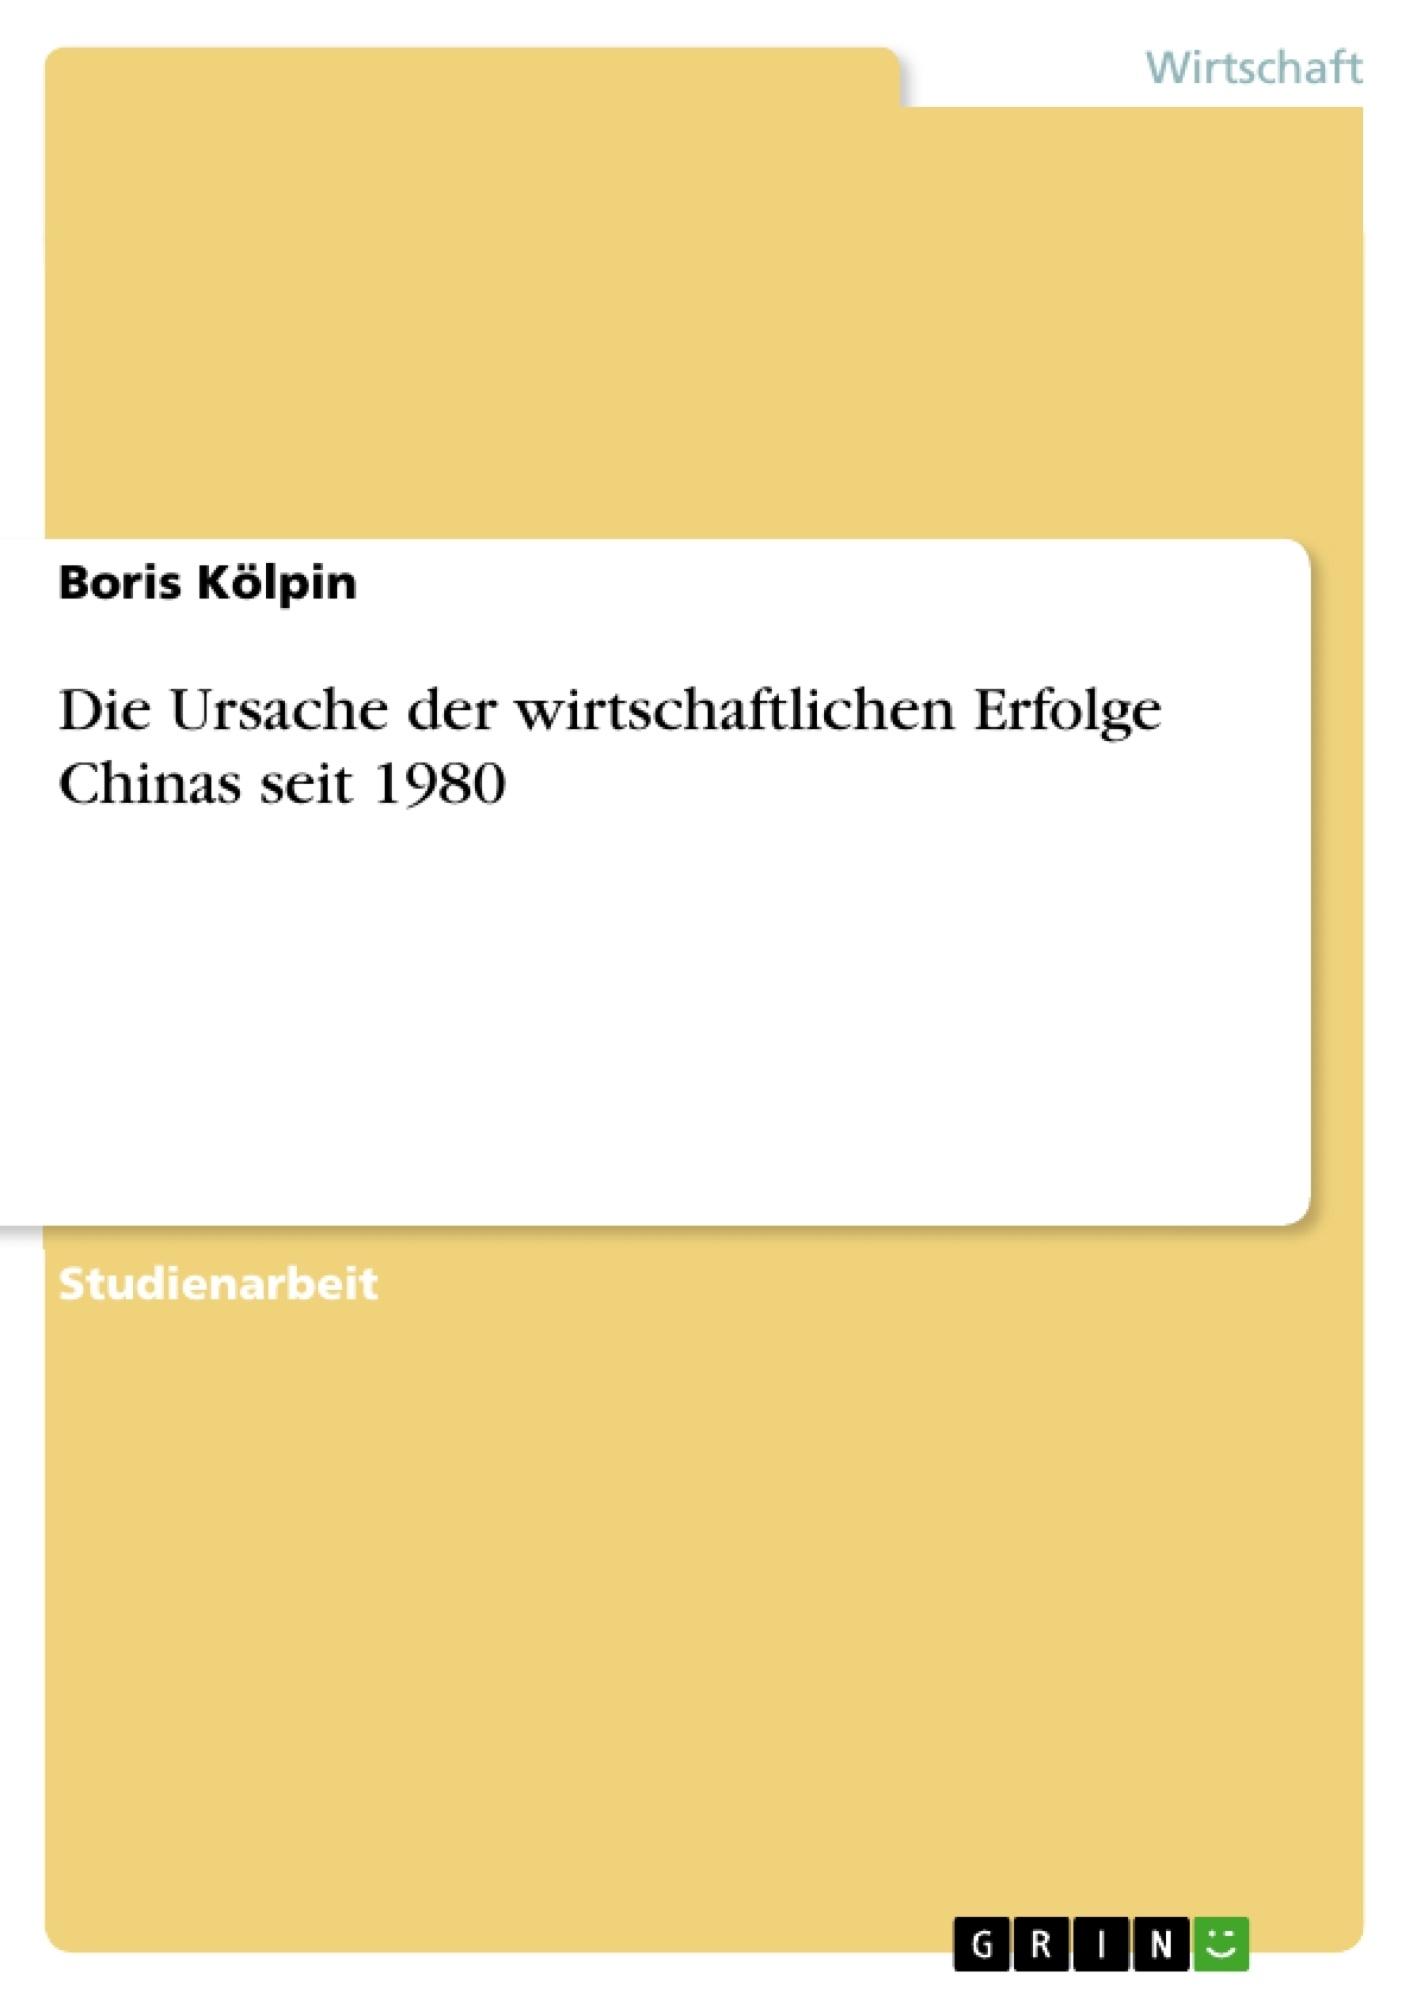 Titel: Die Ursache der wirtschaftlichen Erfolge Chinas seit 1980